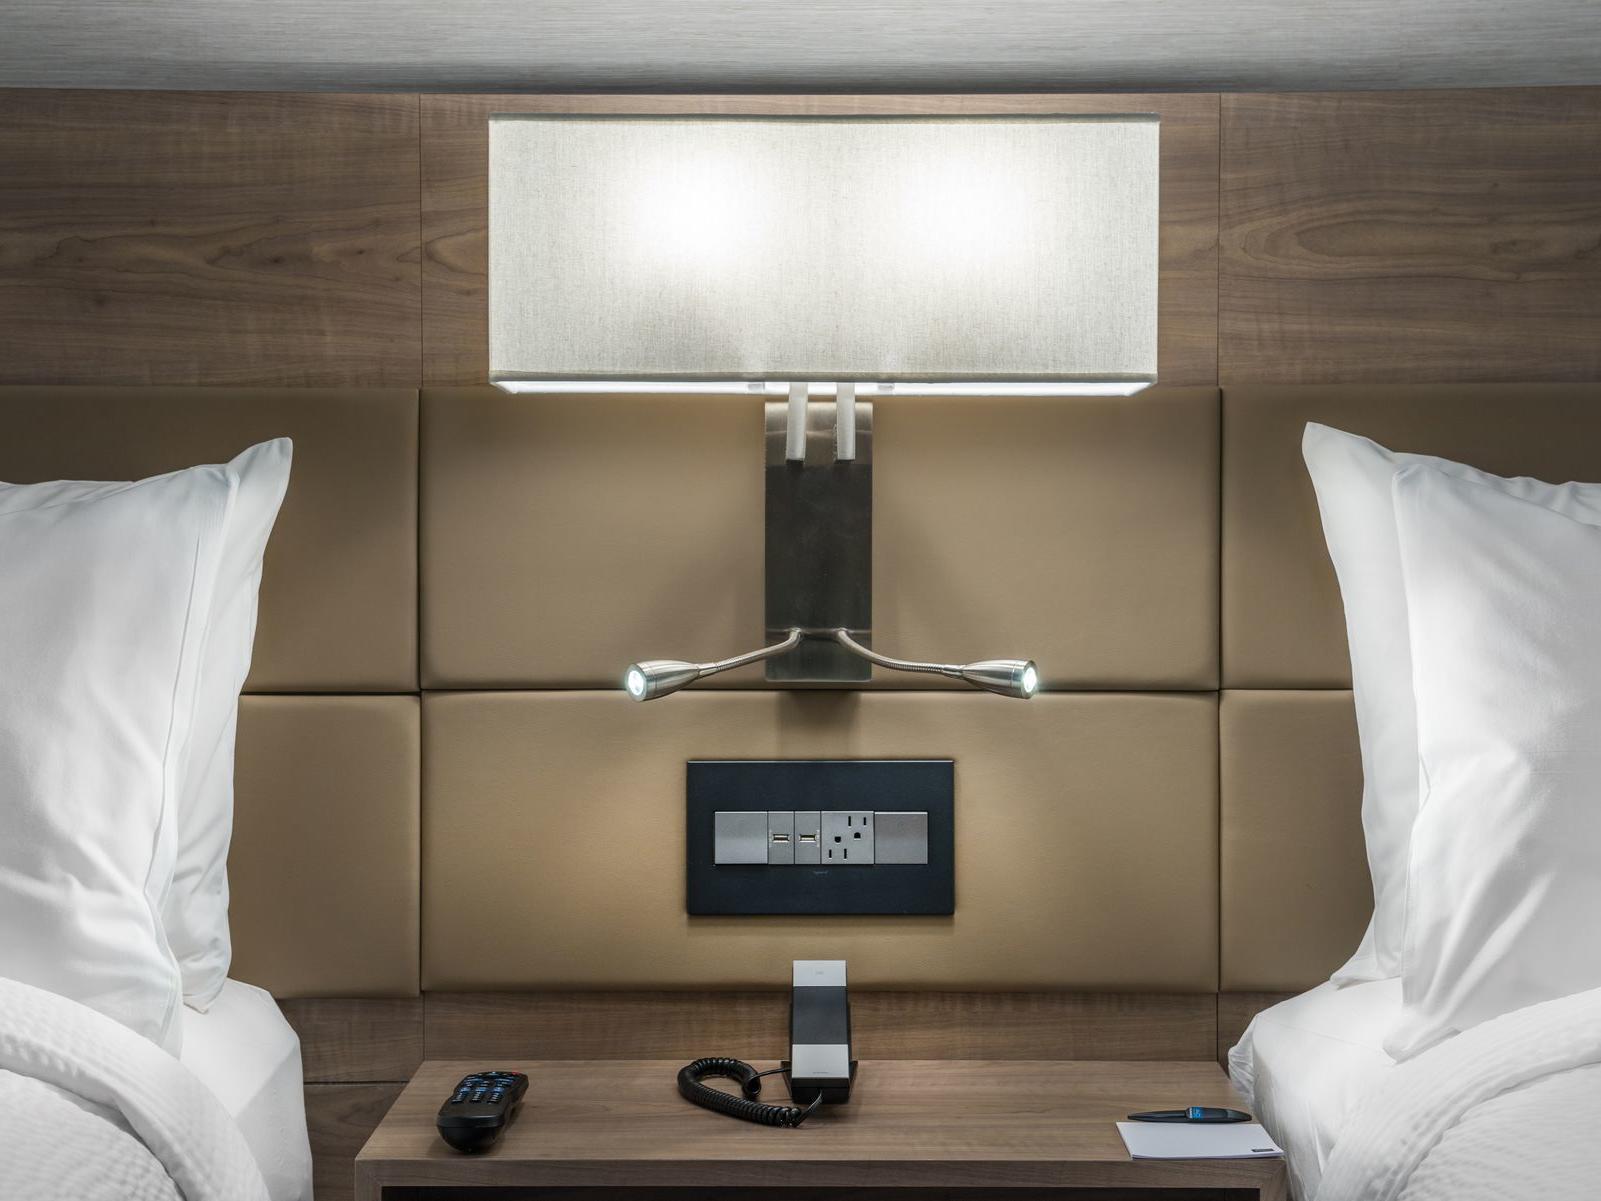 Nightstand between two beds